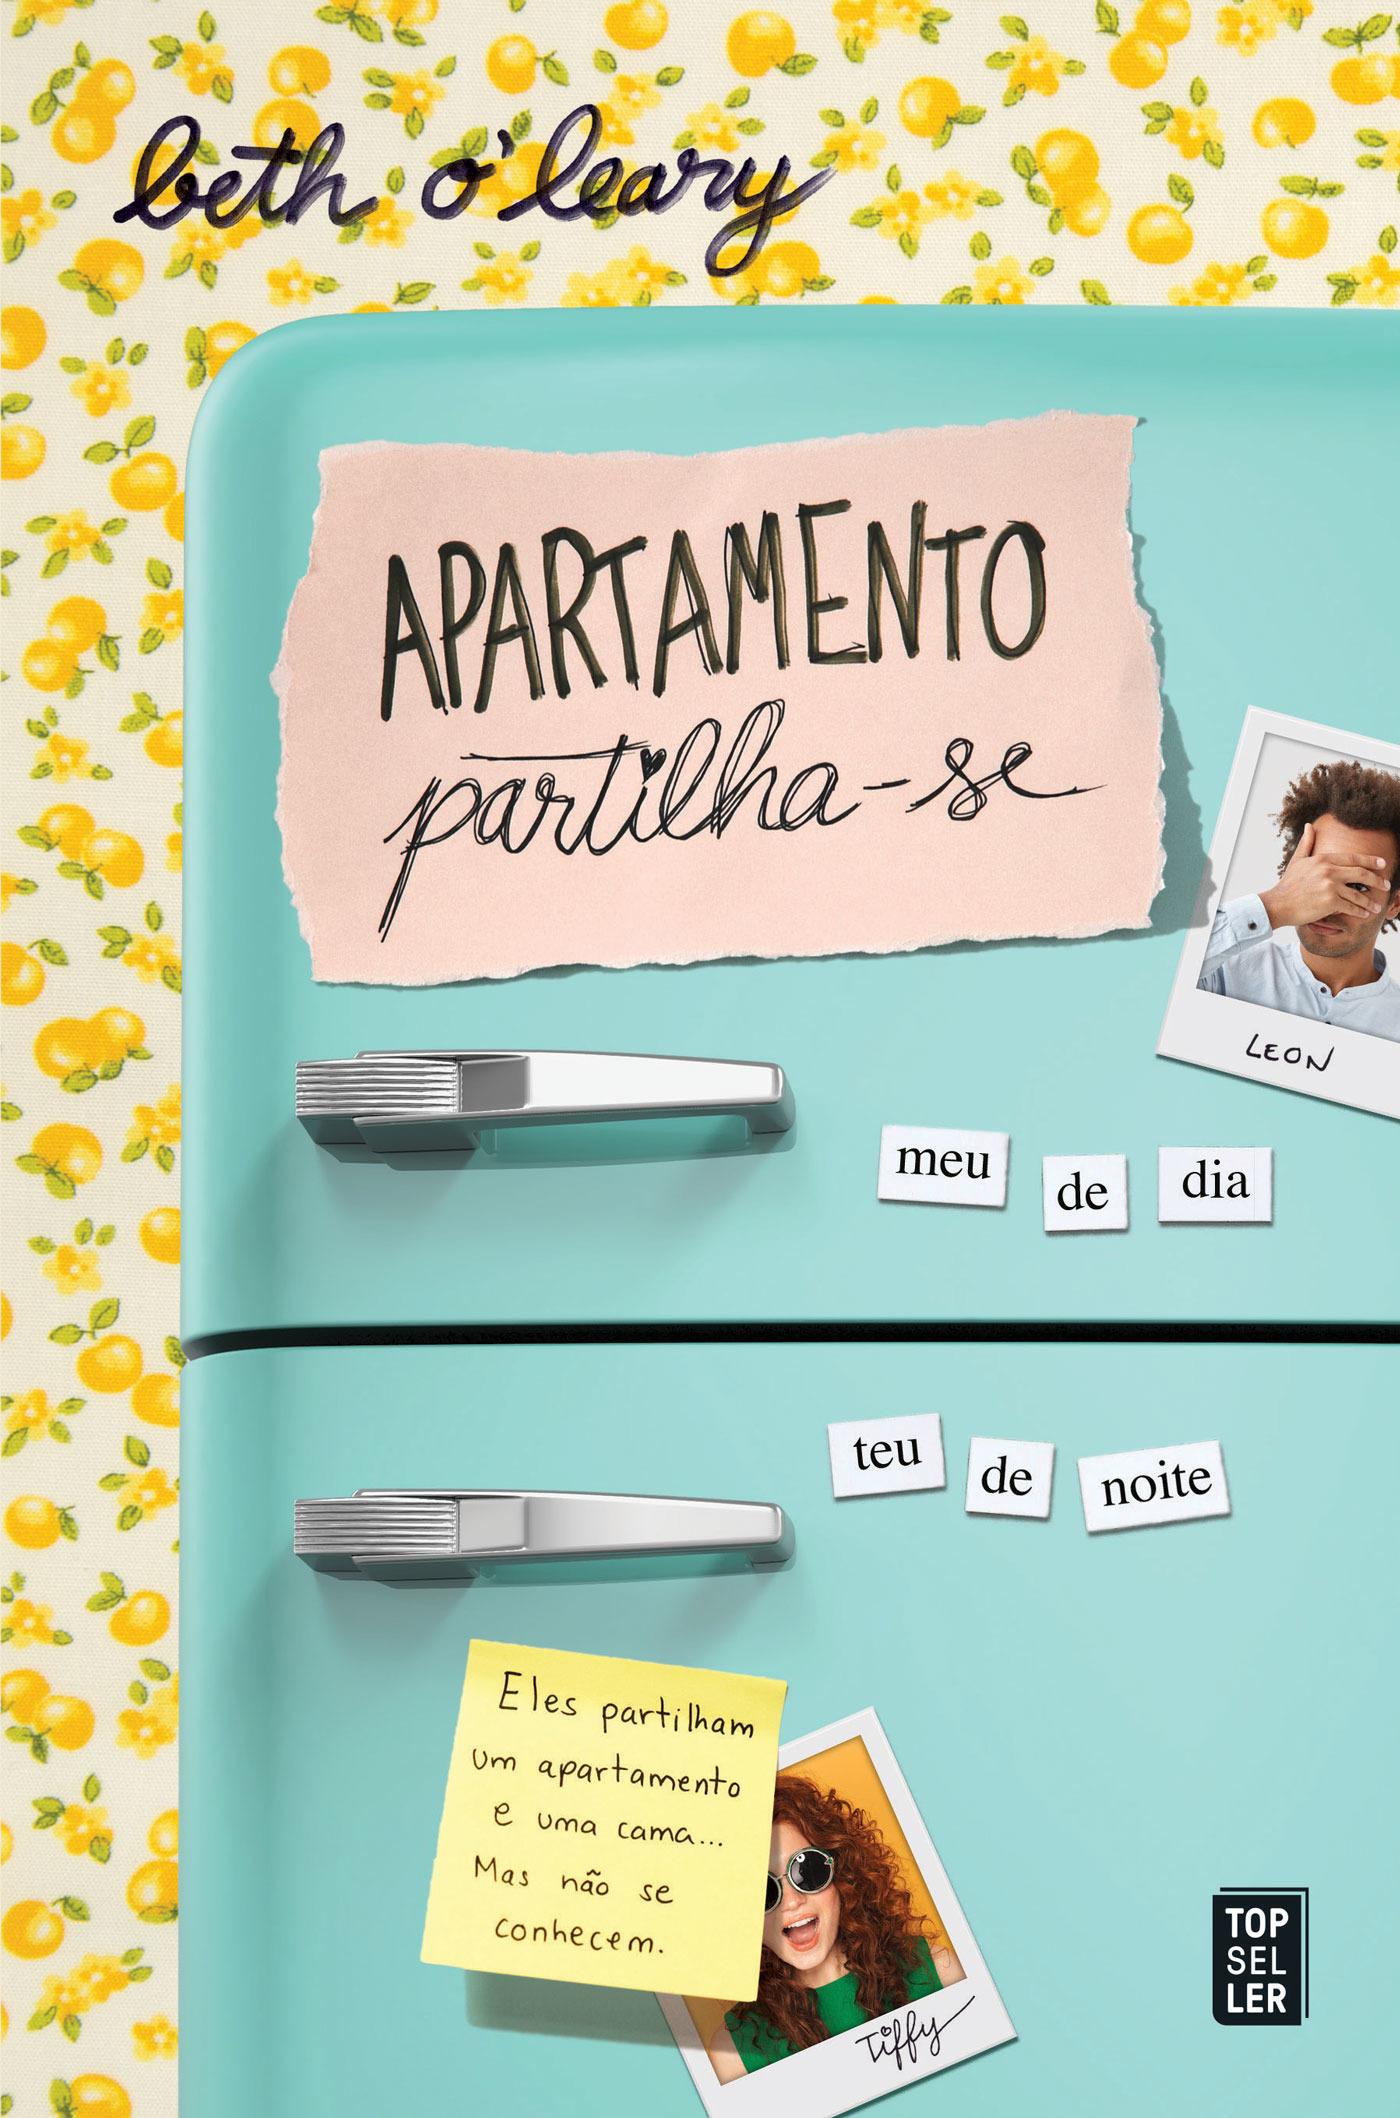 Apartamento Partilha-se